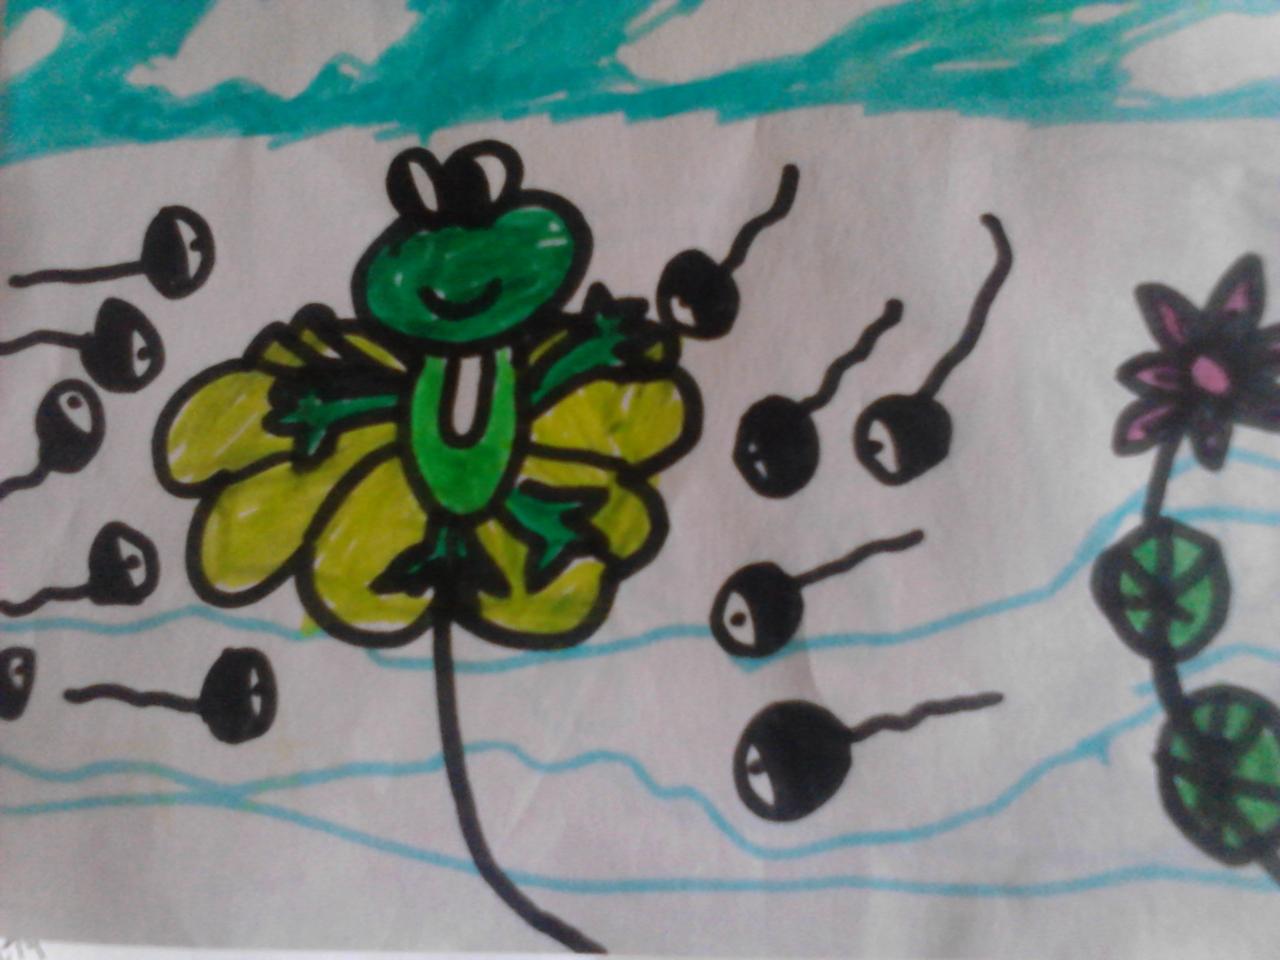 儿童自制连环画作品_幼儿故事小蝌蚪找妈妈内容|幼儿故事小蝌蚪找妈妈图片